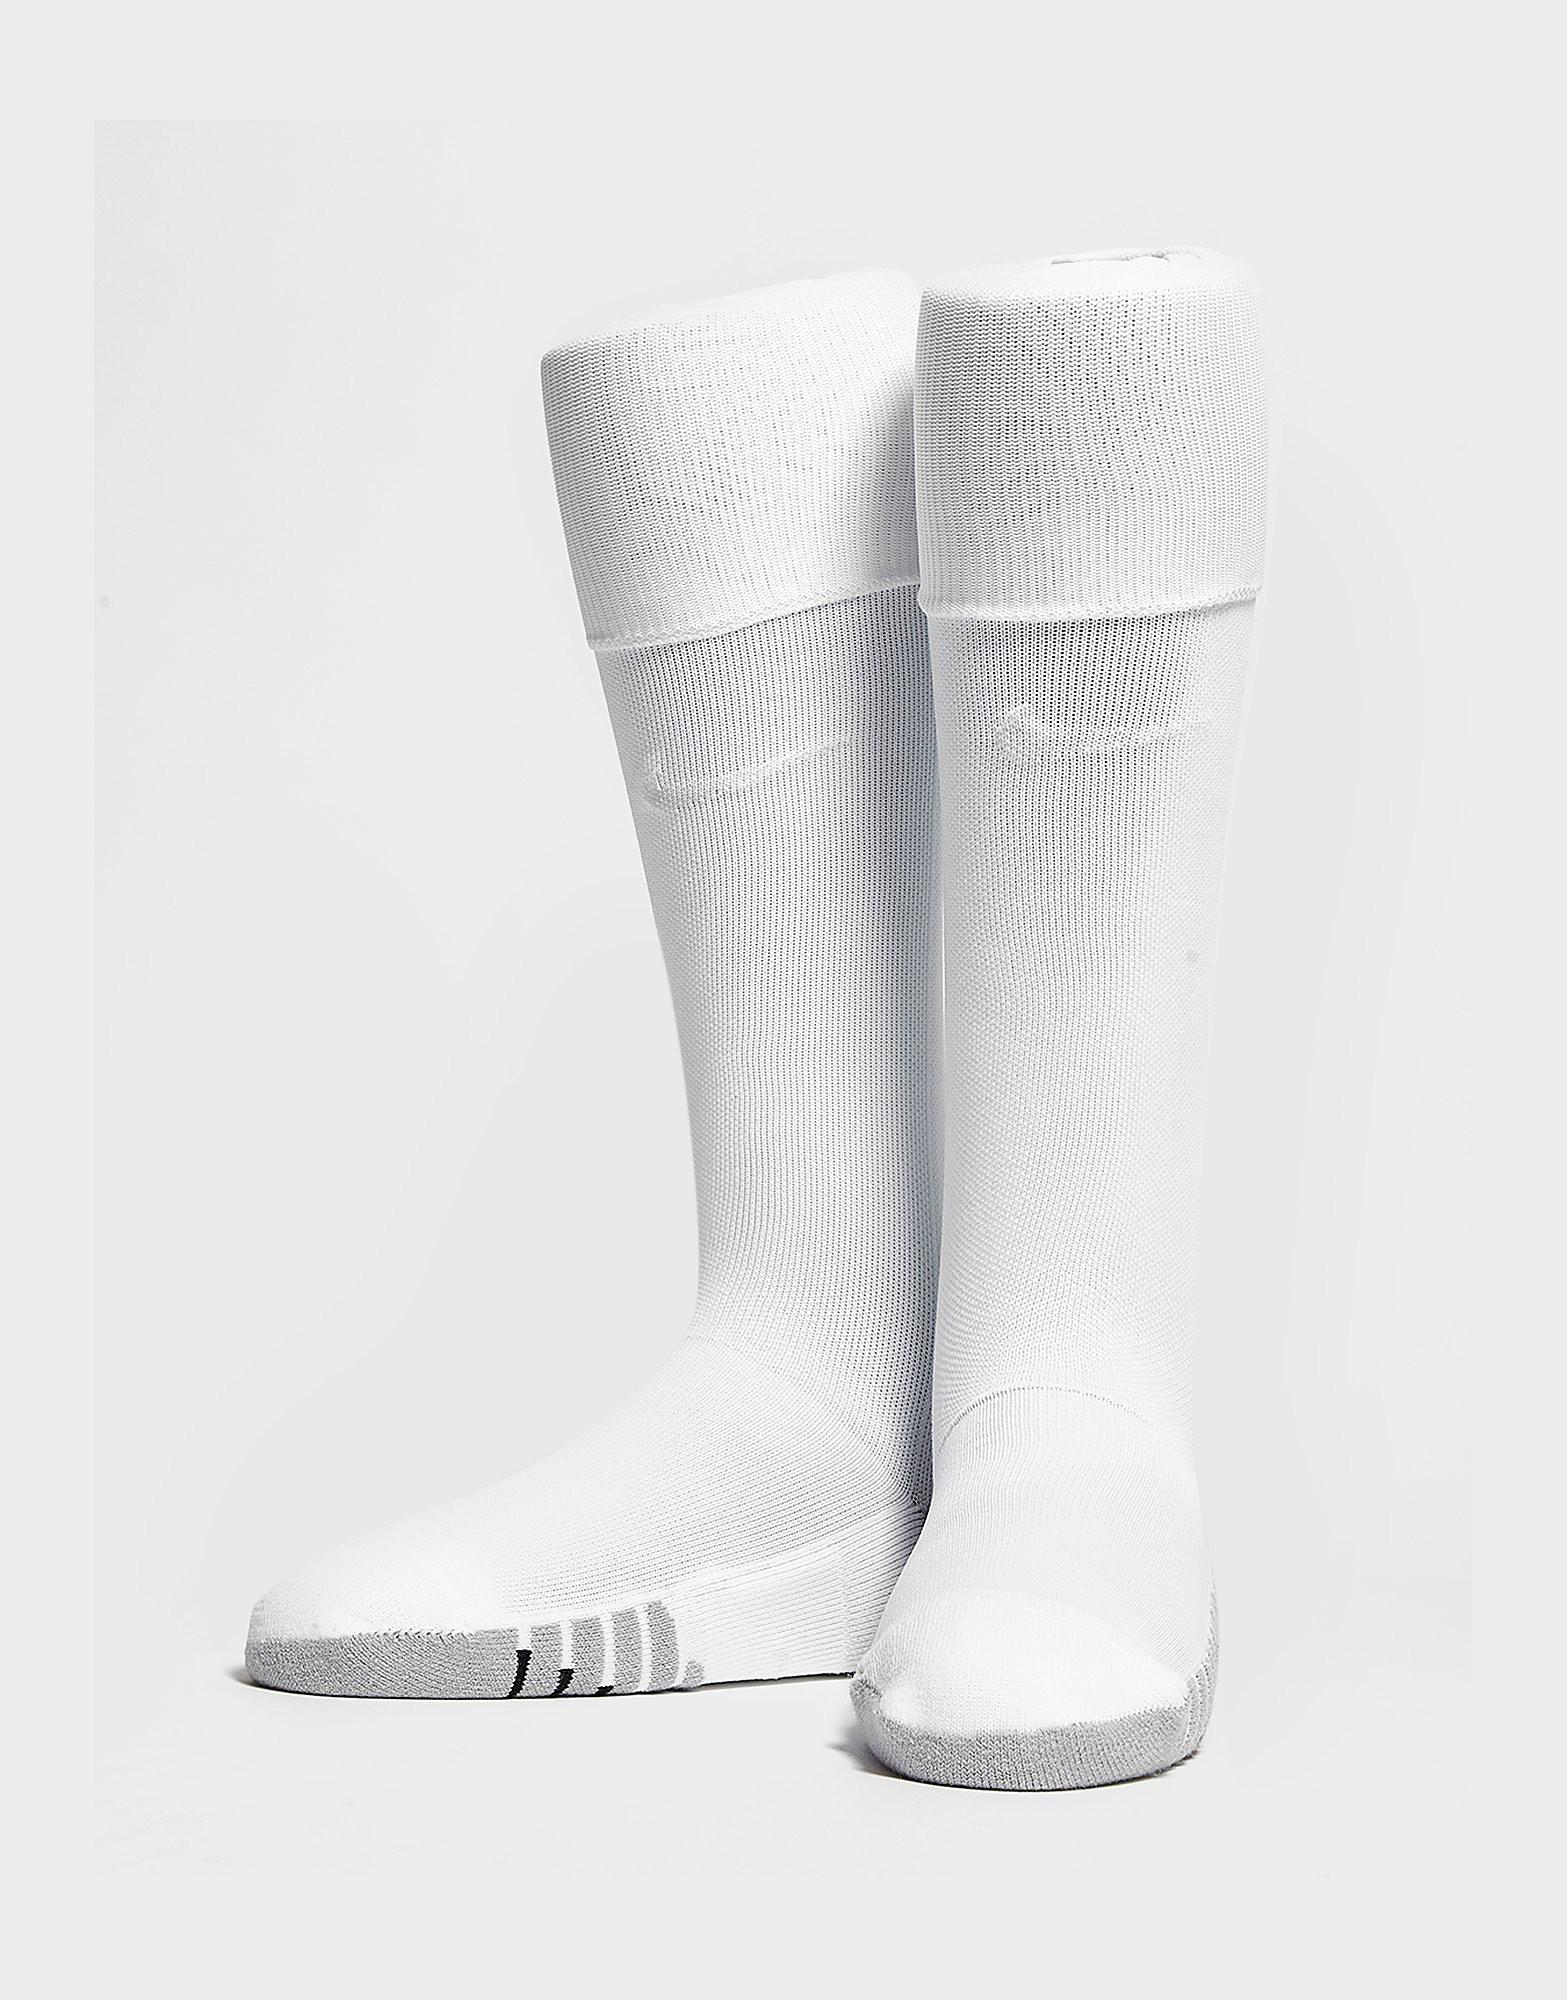 Nike England 2018 Home Socks